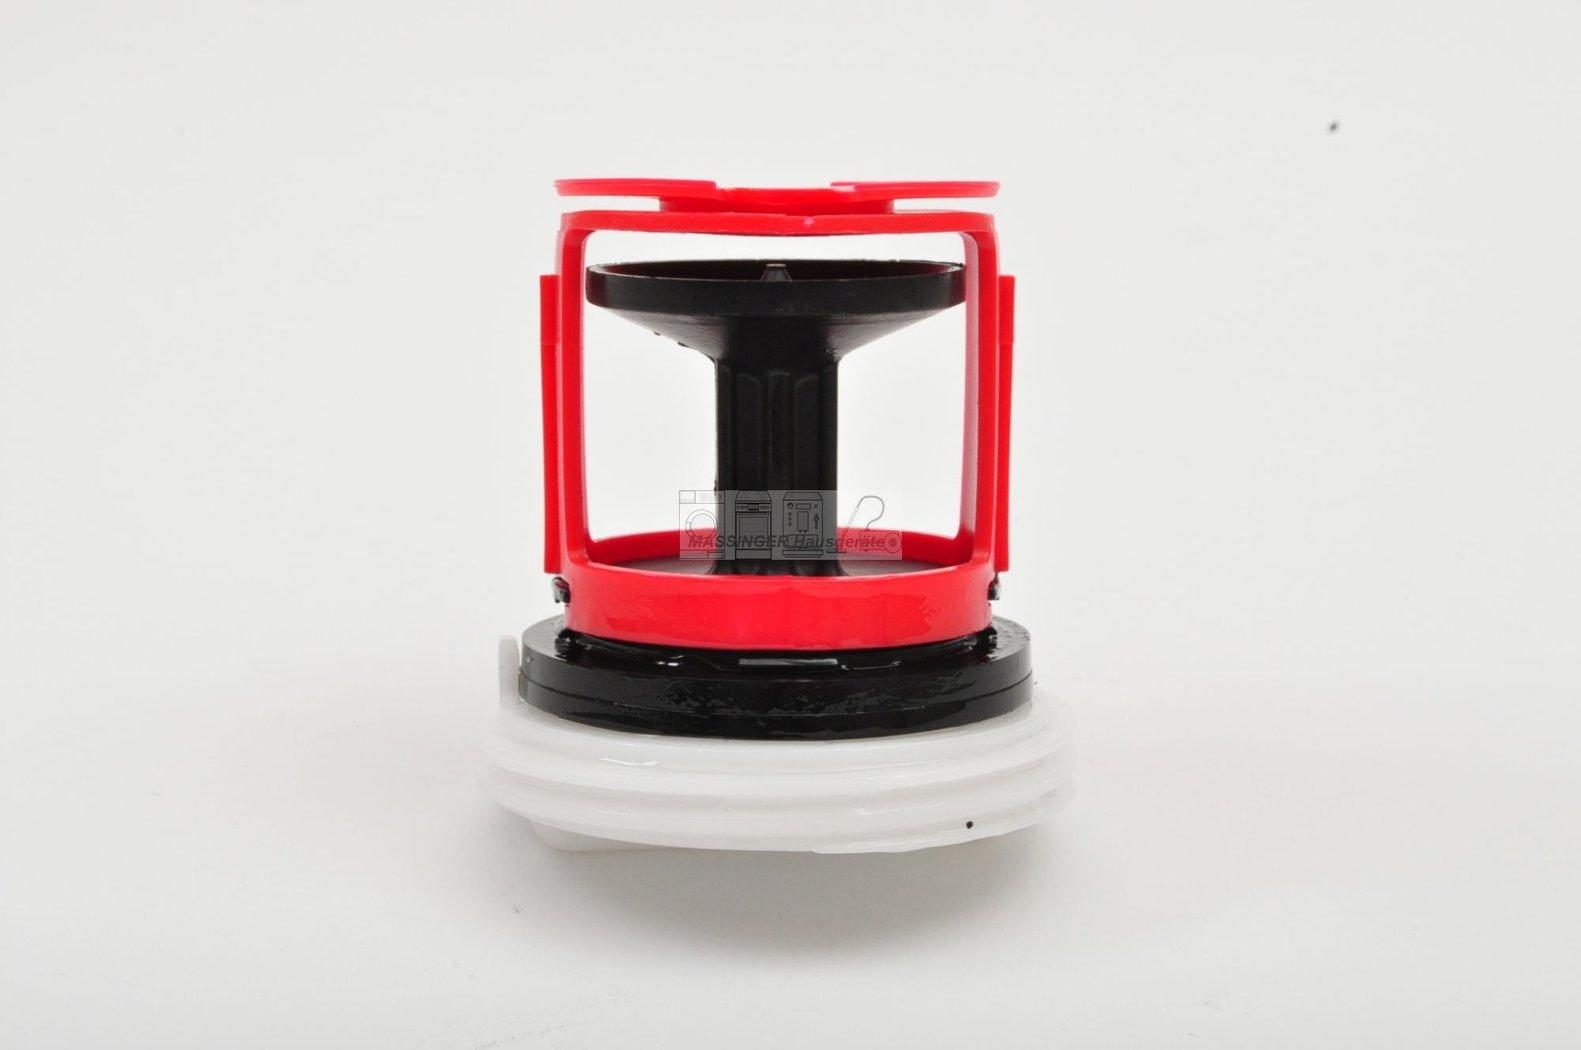 flusensieb siemens waschmaschine flusensieb filter siemens waschmaschine fremdk rperfalle. Black Bedroom Furniture Sets. Home Design Ideas